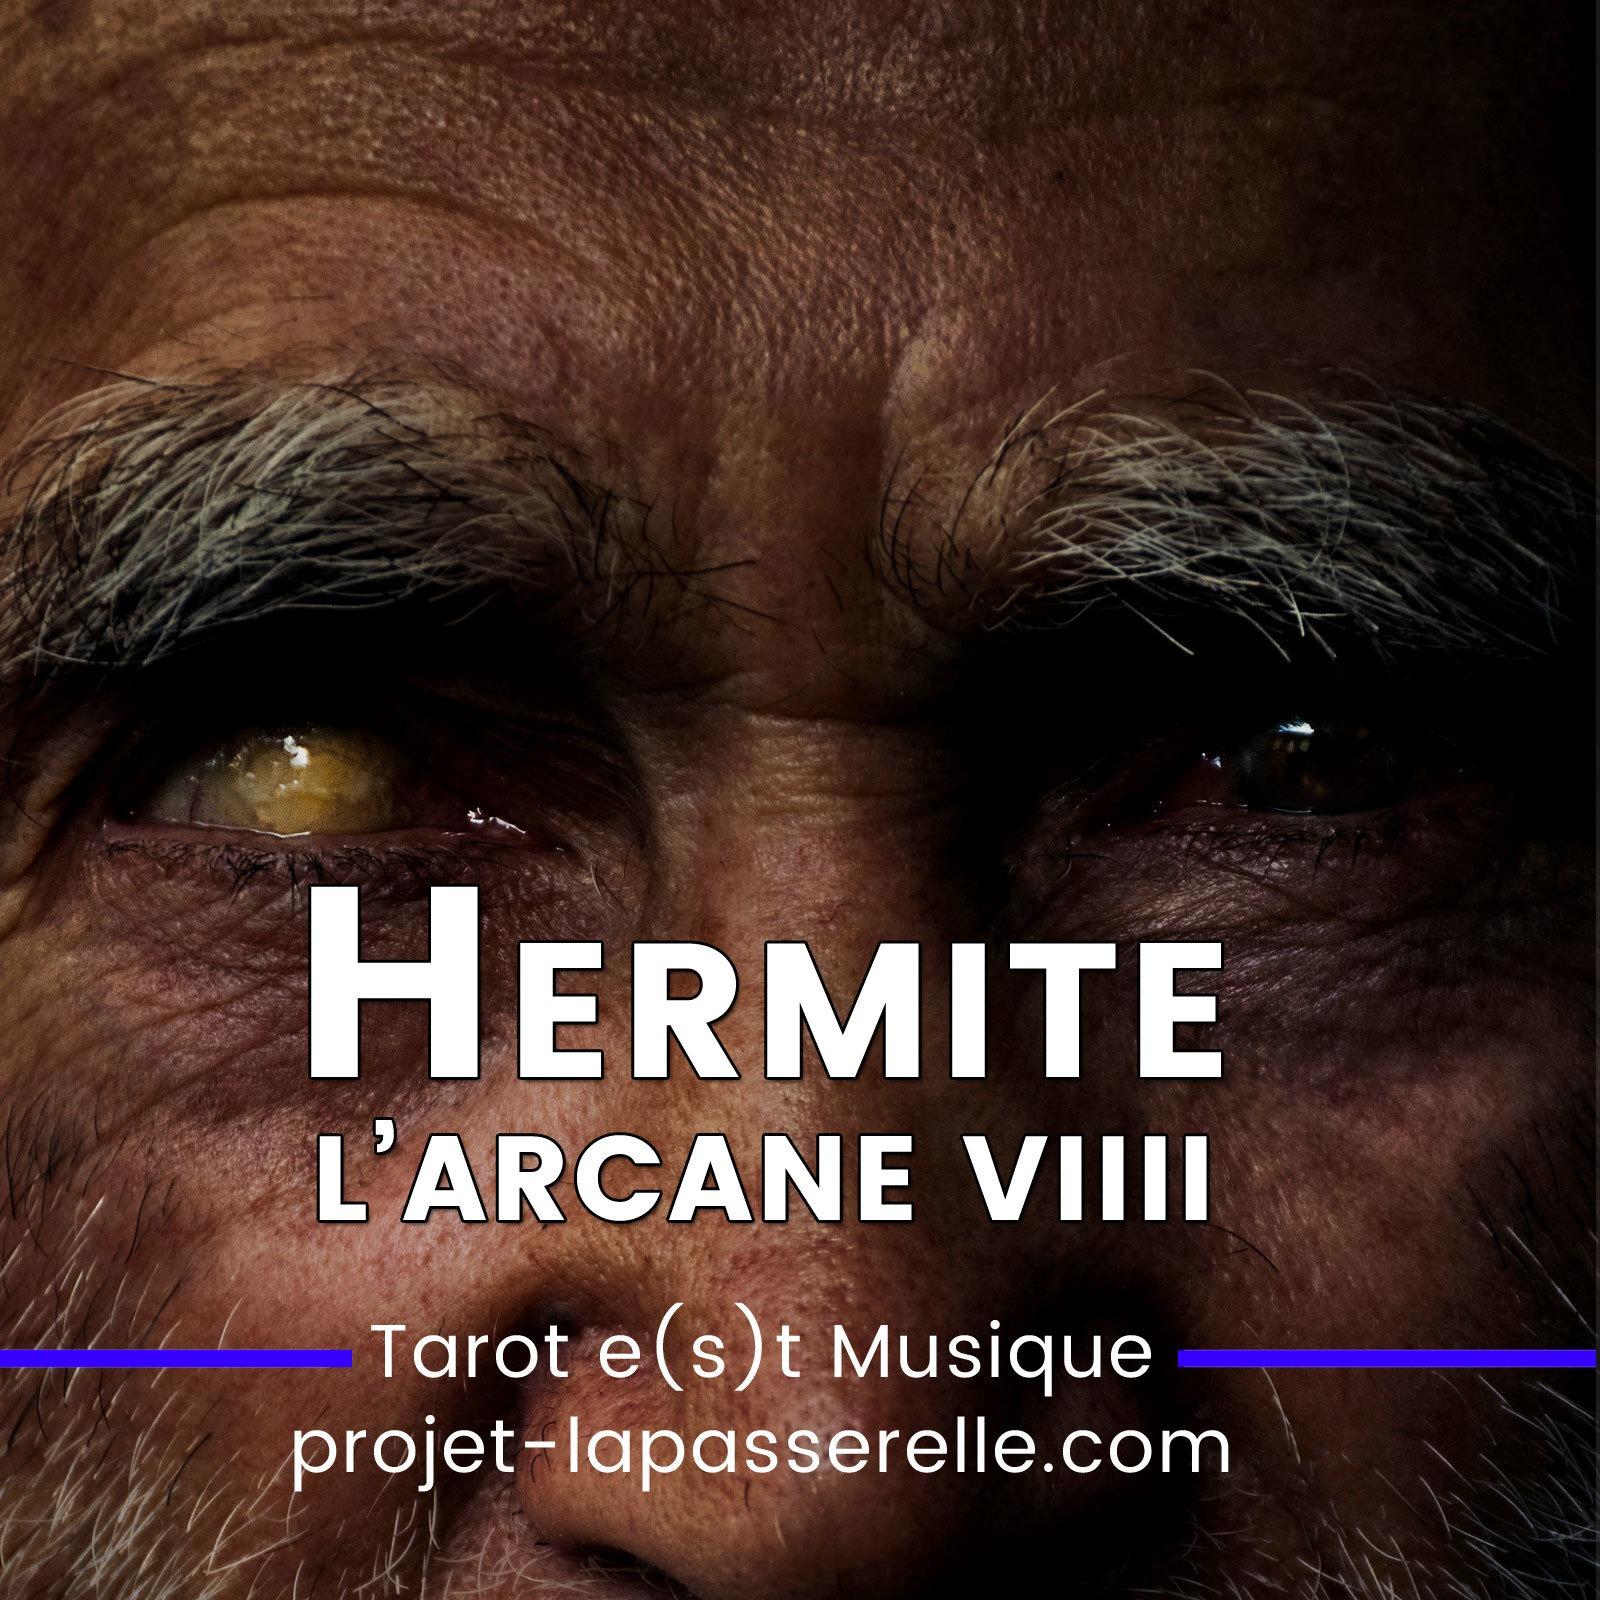 L'Hermite dans le tarot de Marseille, les 2 visages du pèlerin